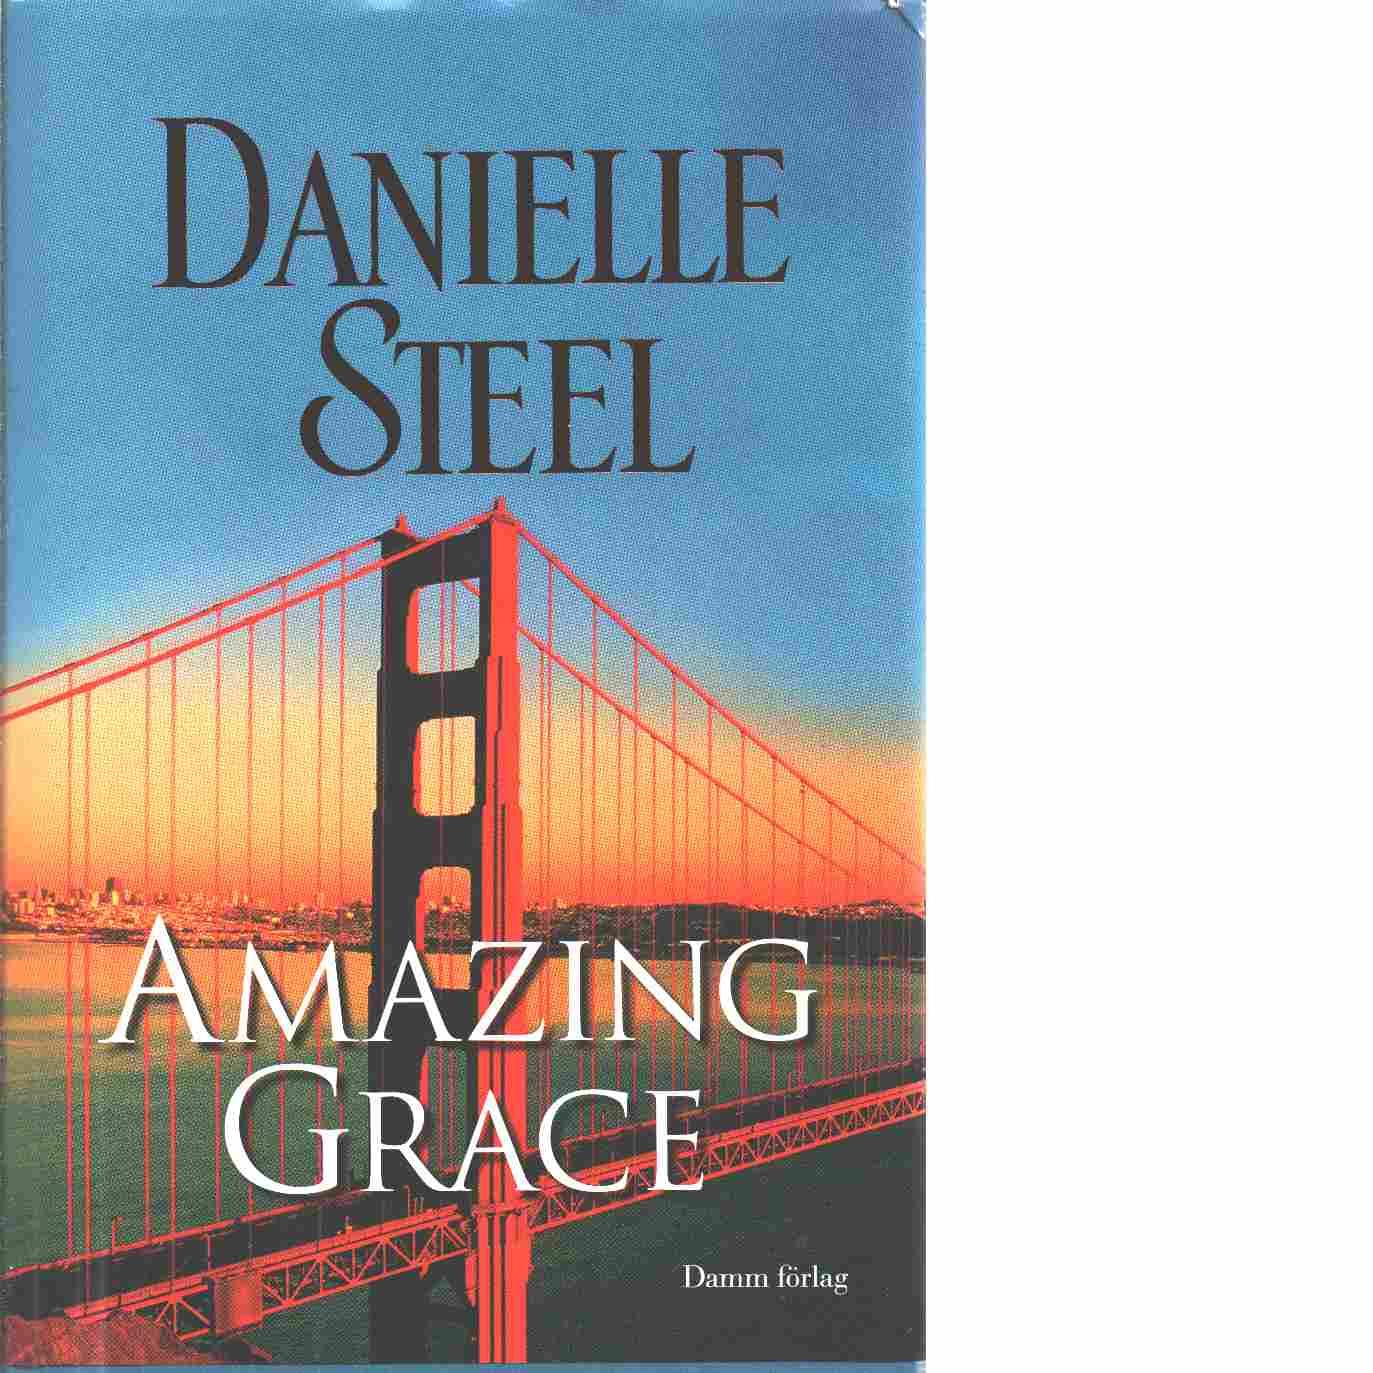 Amazing grace - Steel, Danielle